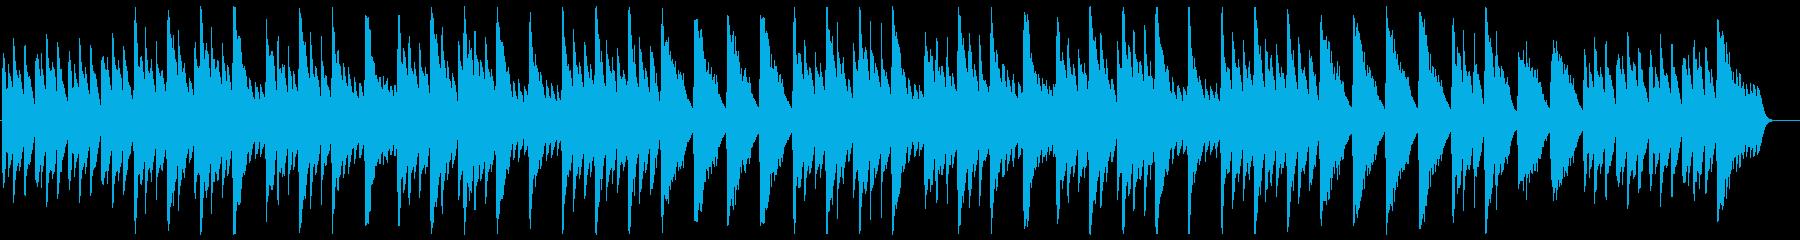 ゆっくりした温かみのあるオルゴールの曲の再生済みの波形